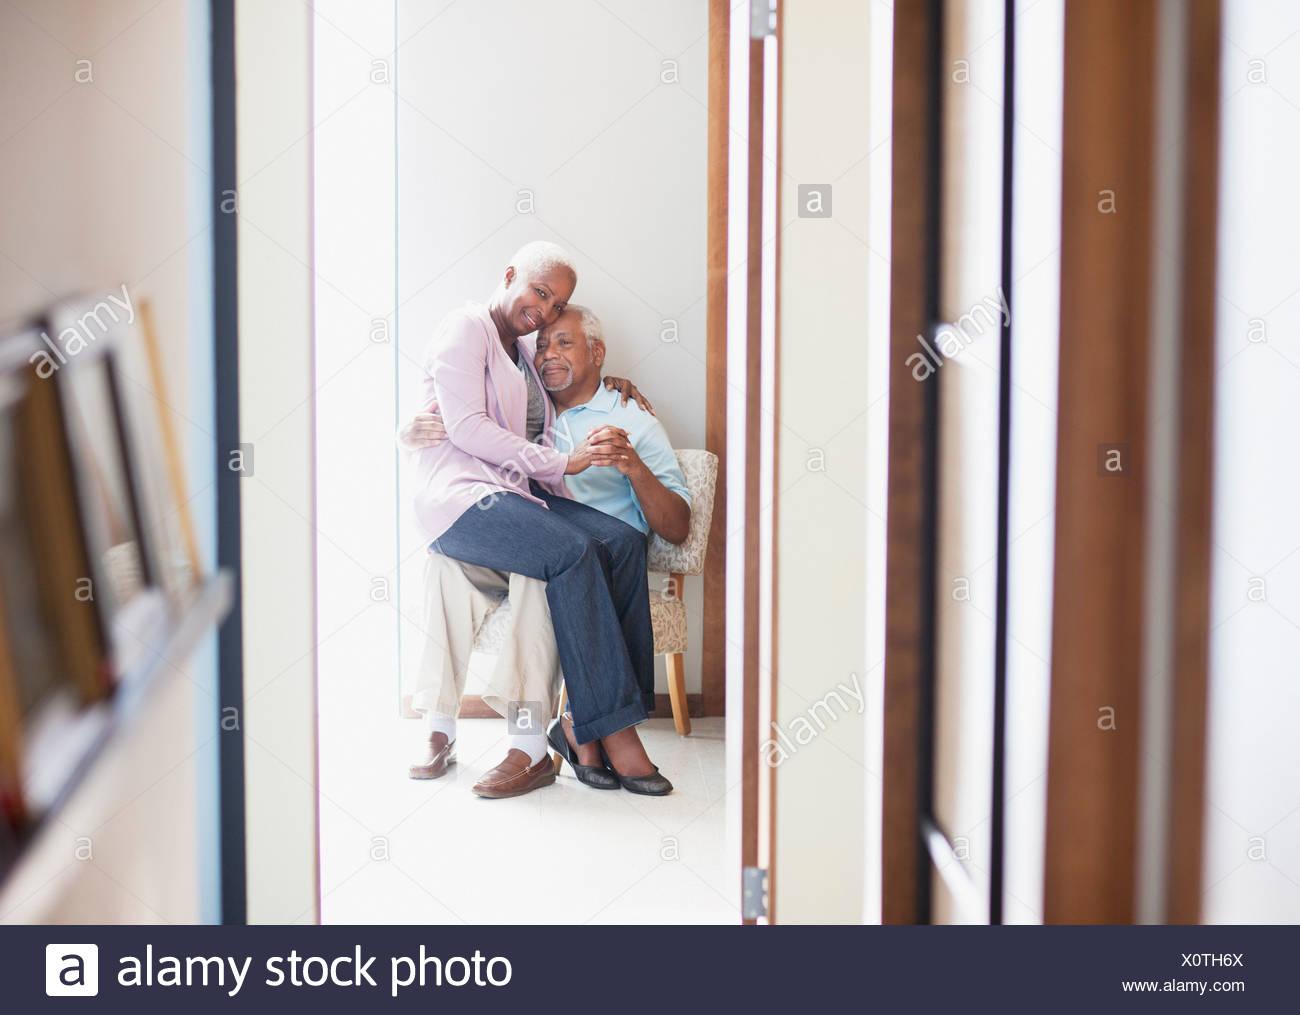 55 à 59 ans,64 ans,affection,collage,le vieillissement,vêtements,image,couleur,jour,dévouement,la vie domestique, l'accent sur Photo Stock